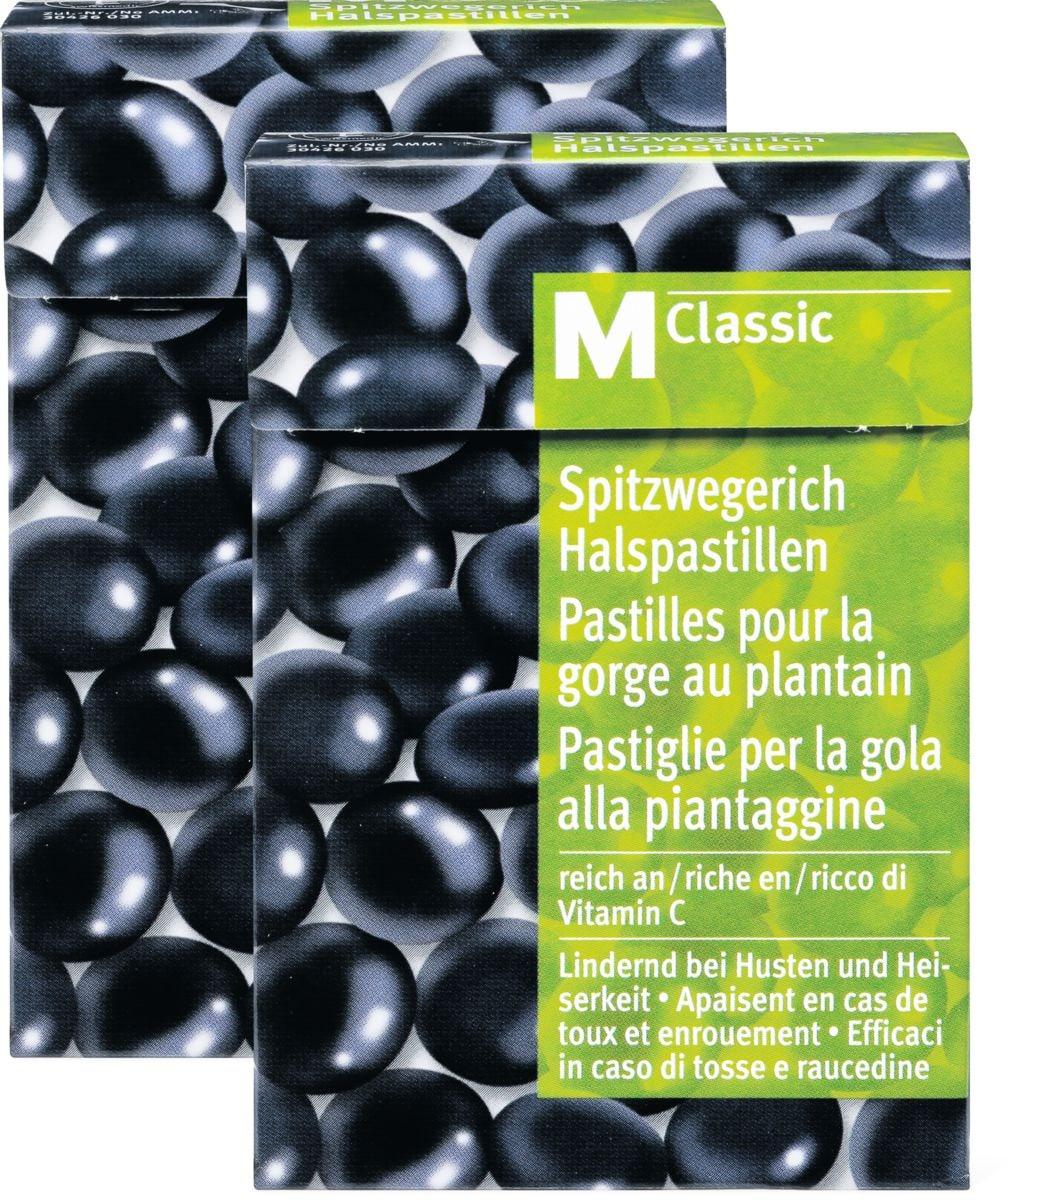 M-Classic Piantaggine